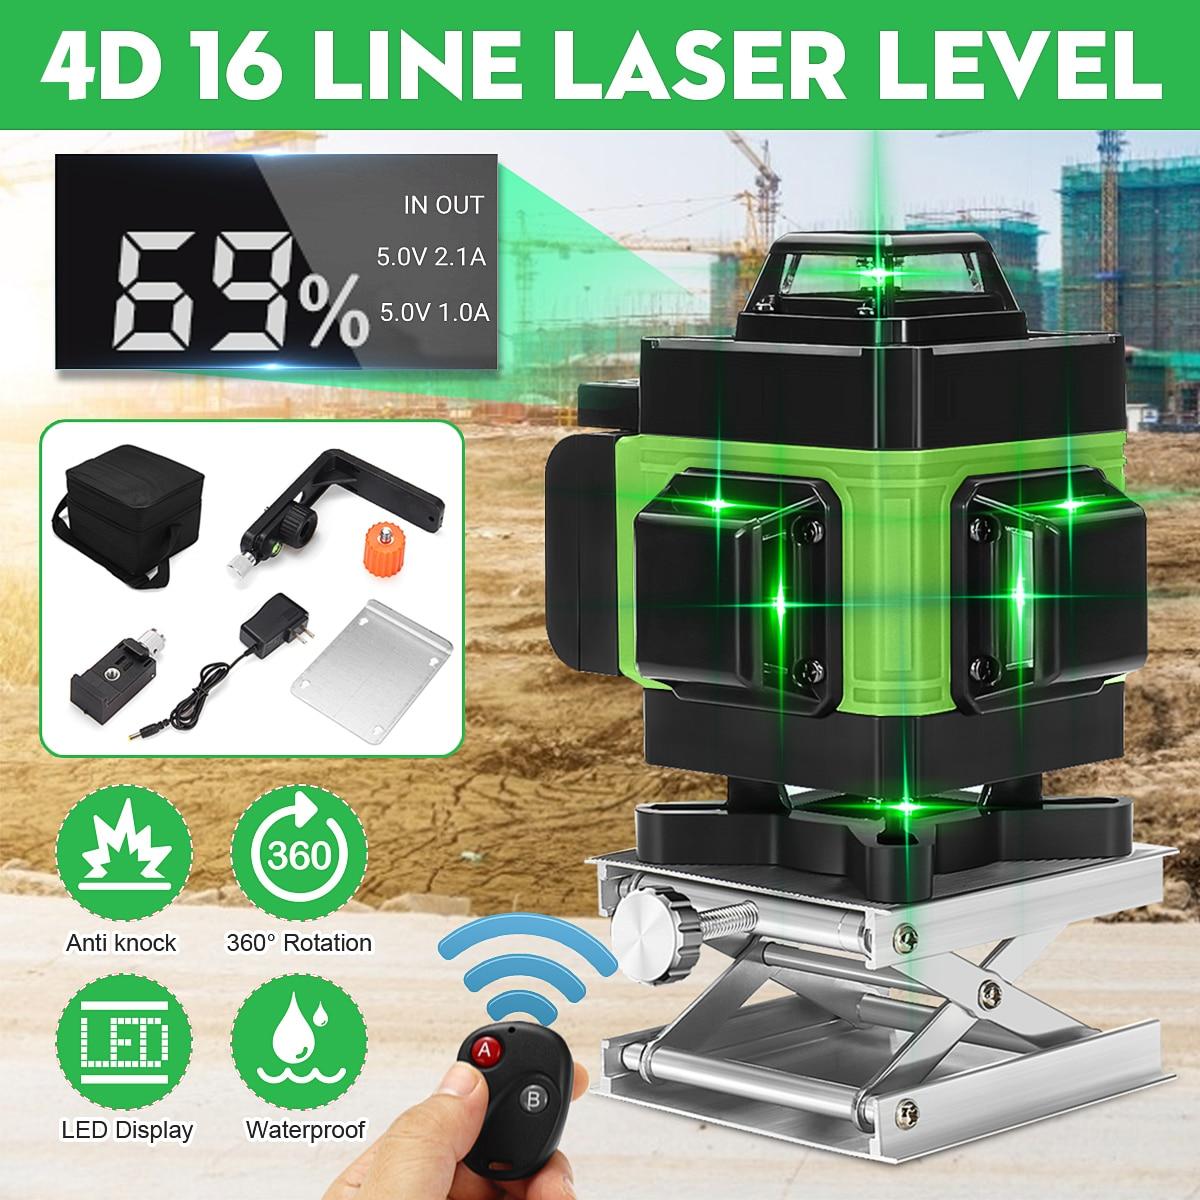 Светодиодный дисплей 16 линейный лазерный уровень 3D 360 ° самонивелирующийся горизонтальный и вертикальный инструмент для поперечного измерения LD зеленый светильник лазерный уровень Лазерные уровни      АлиЭкспресс